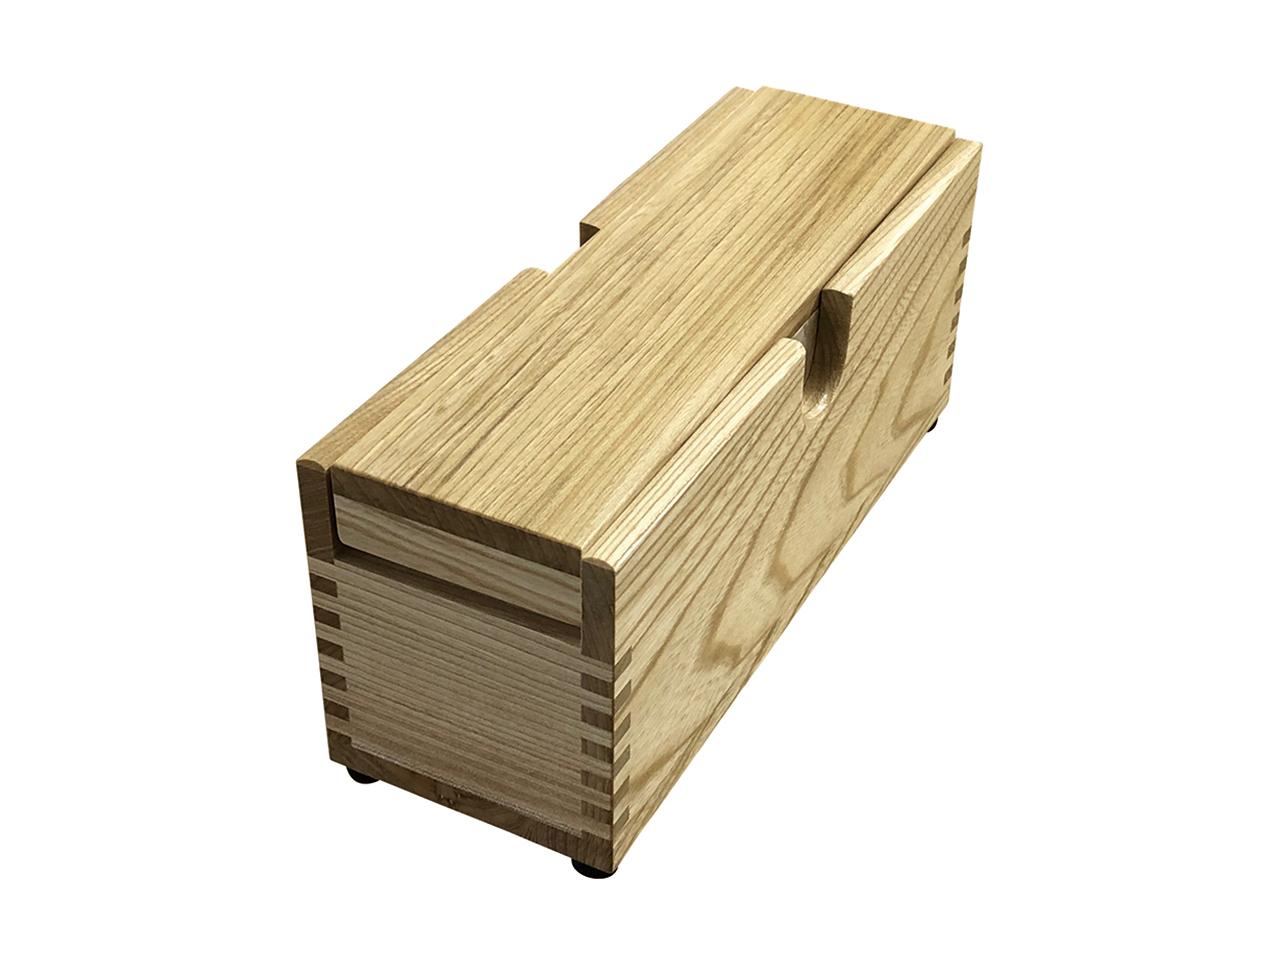 鰹節削り器 「業務用鰹箱(中)」